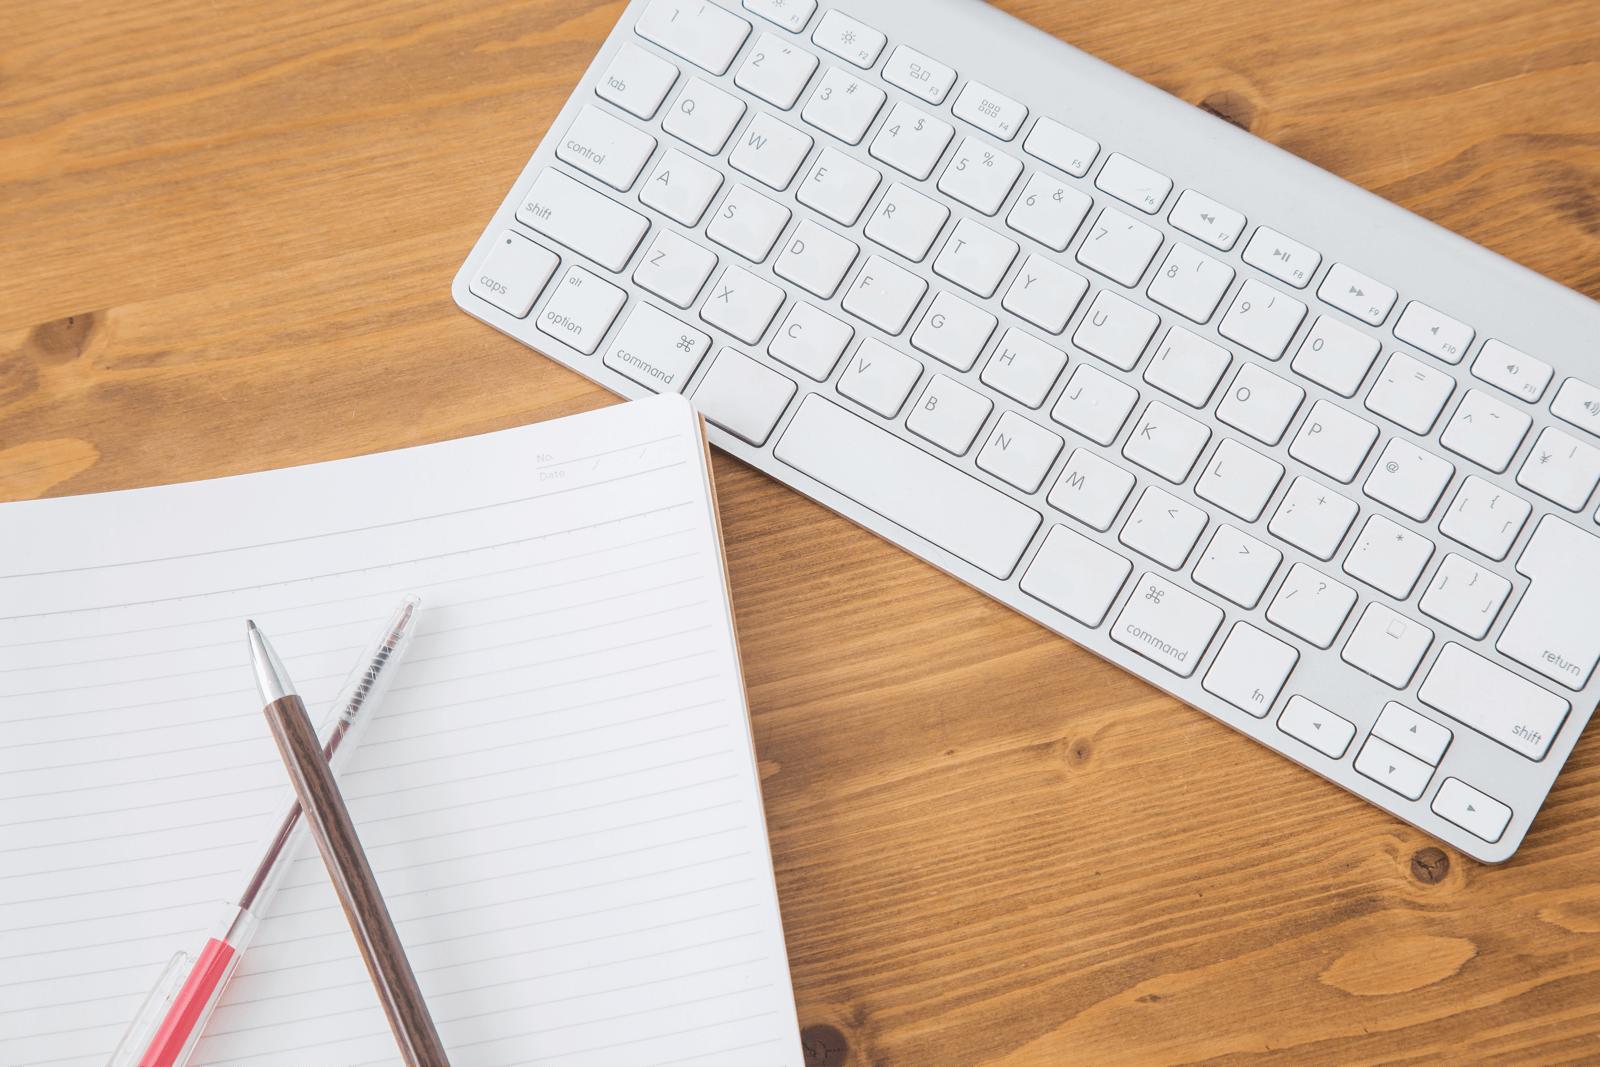 テーブルに置かれた筆記用具とパソコンのキーボード